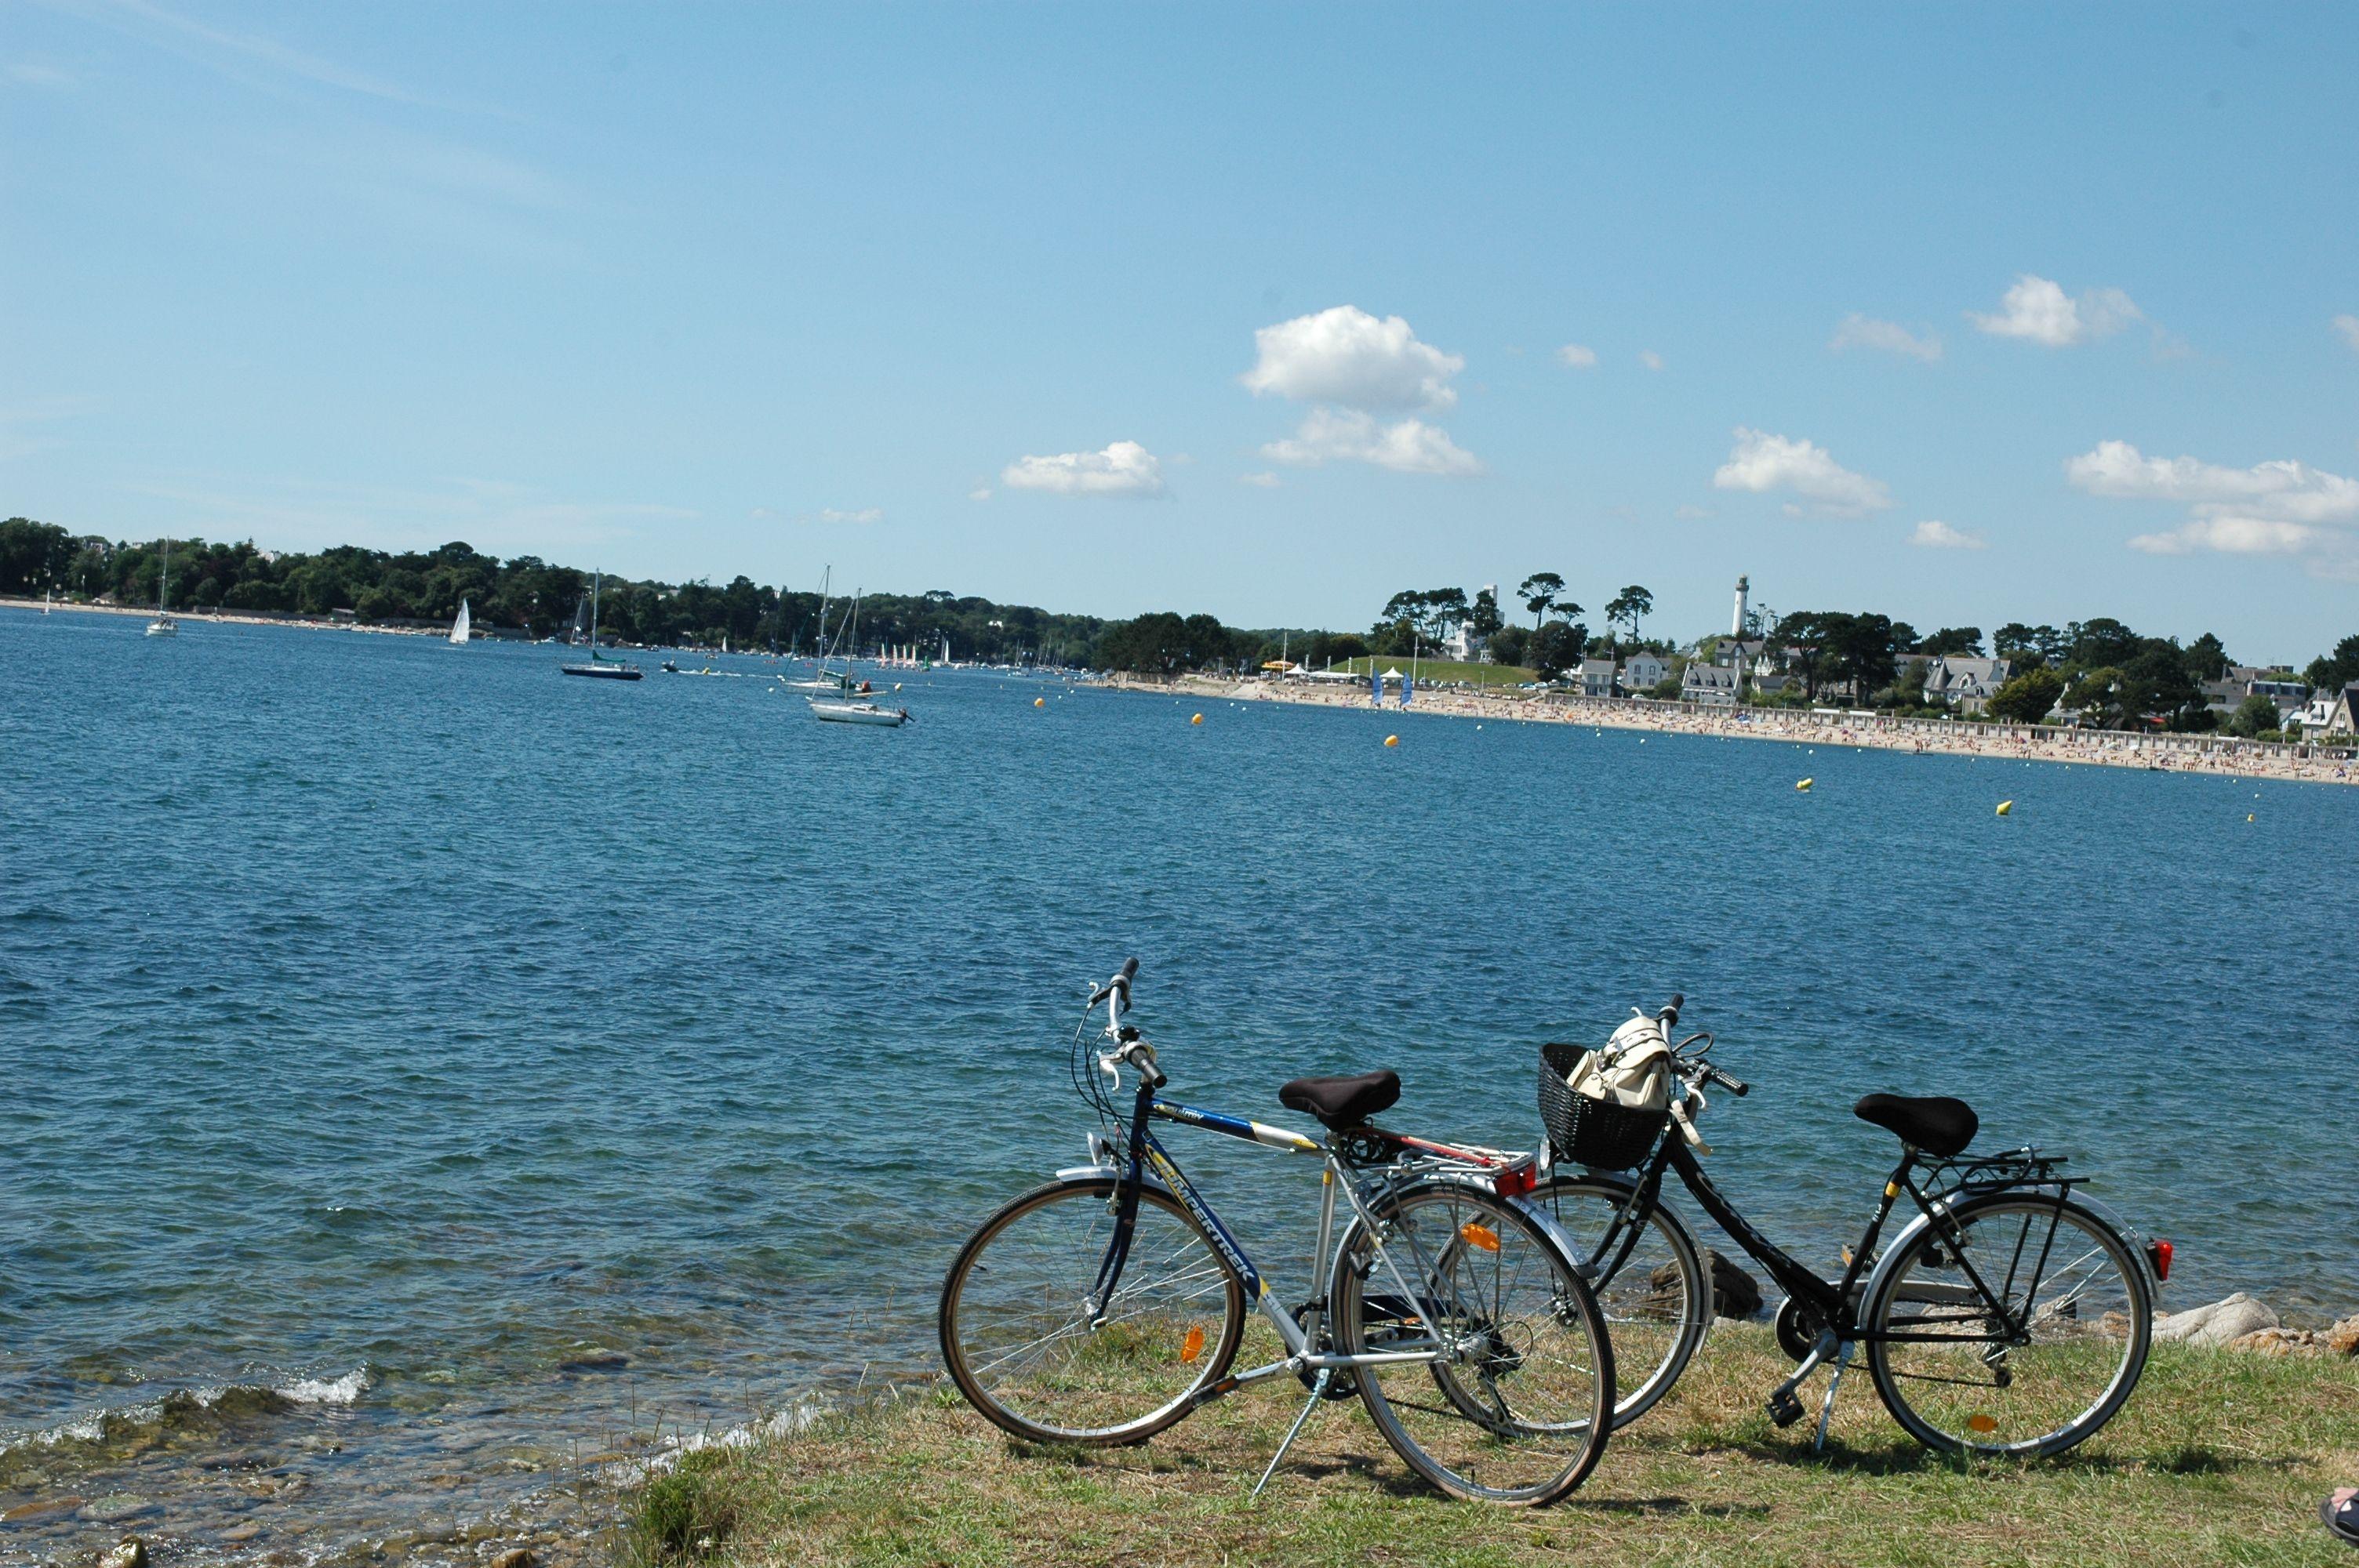 Idéalement situé, le domaine offre la possibilité de parcourir les bords de Loire à Vélo